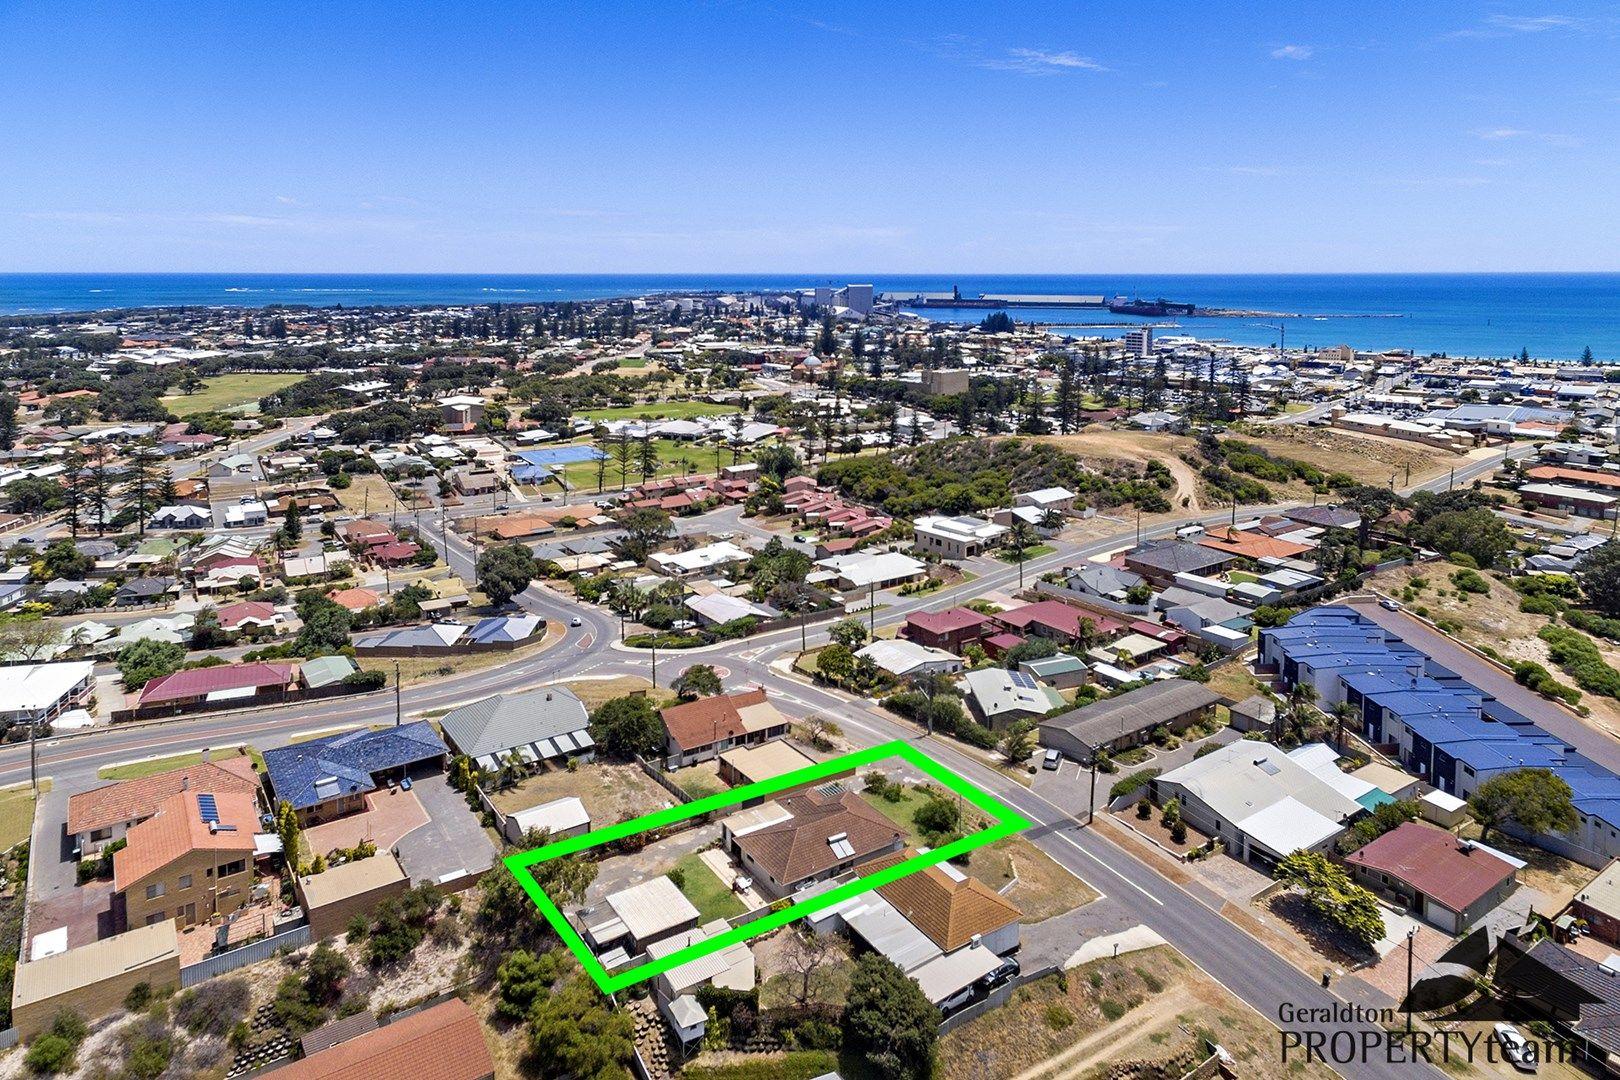 28 Waldeck Street, Geraldton WA 6530, Image 0